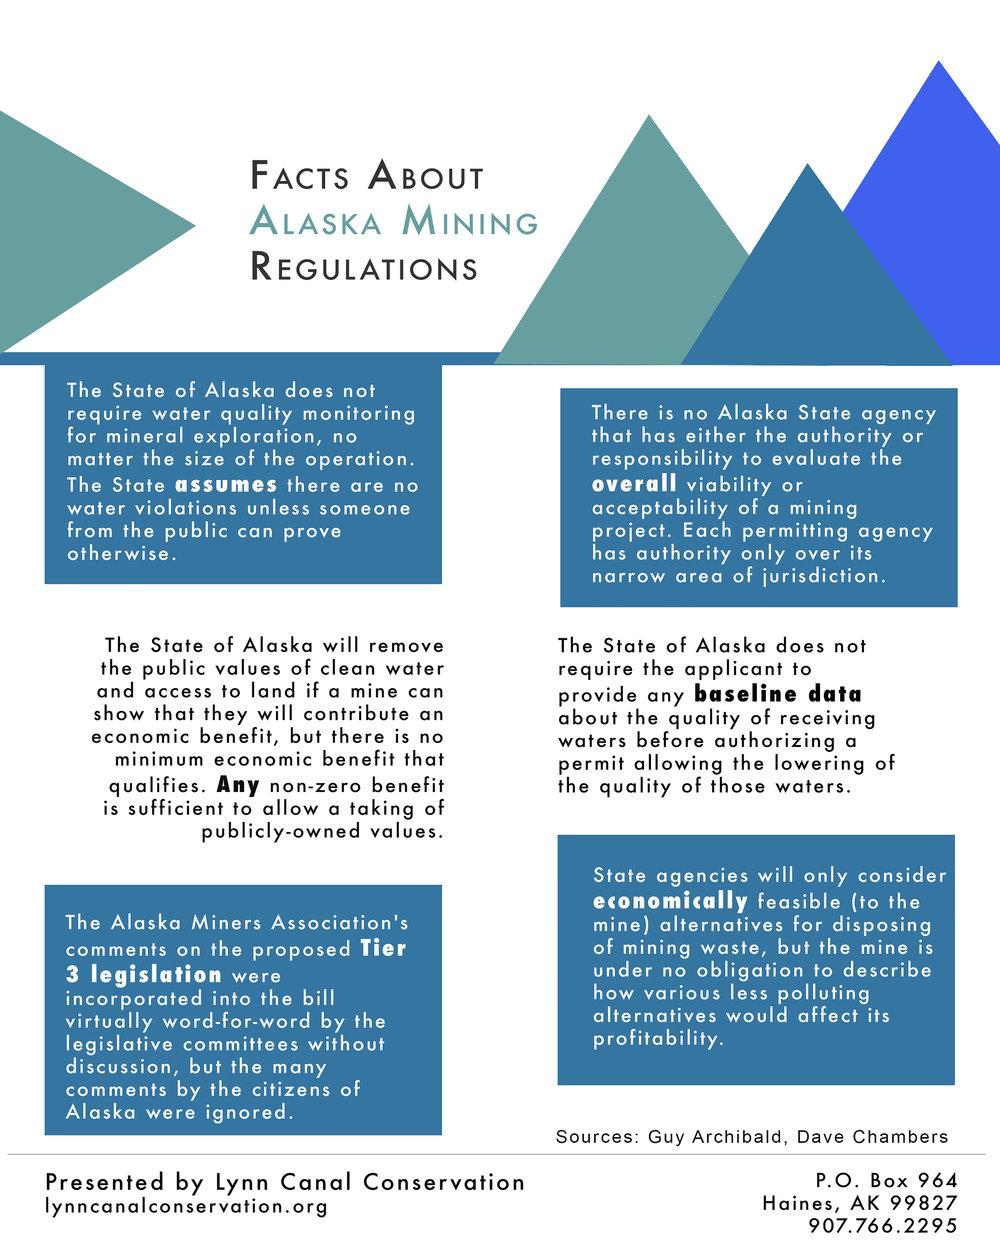 AK mining Reg Facts large.jpg